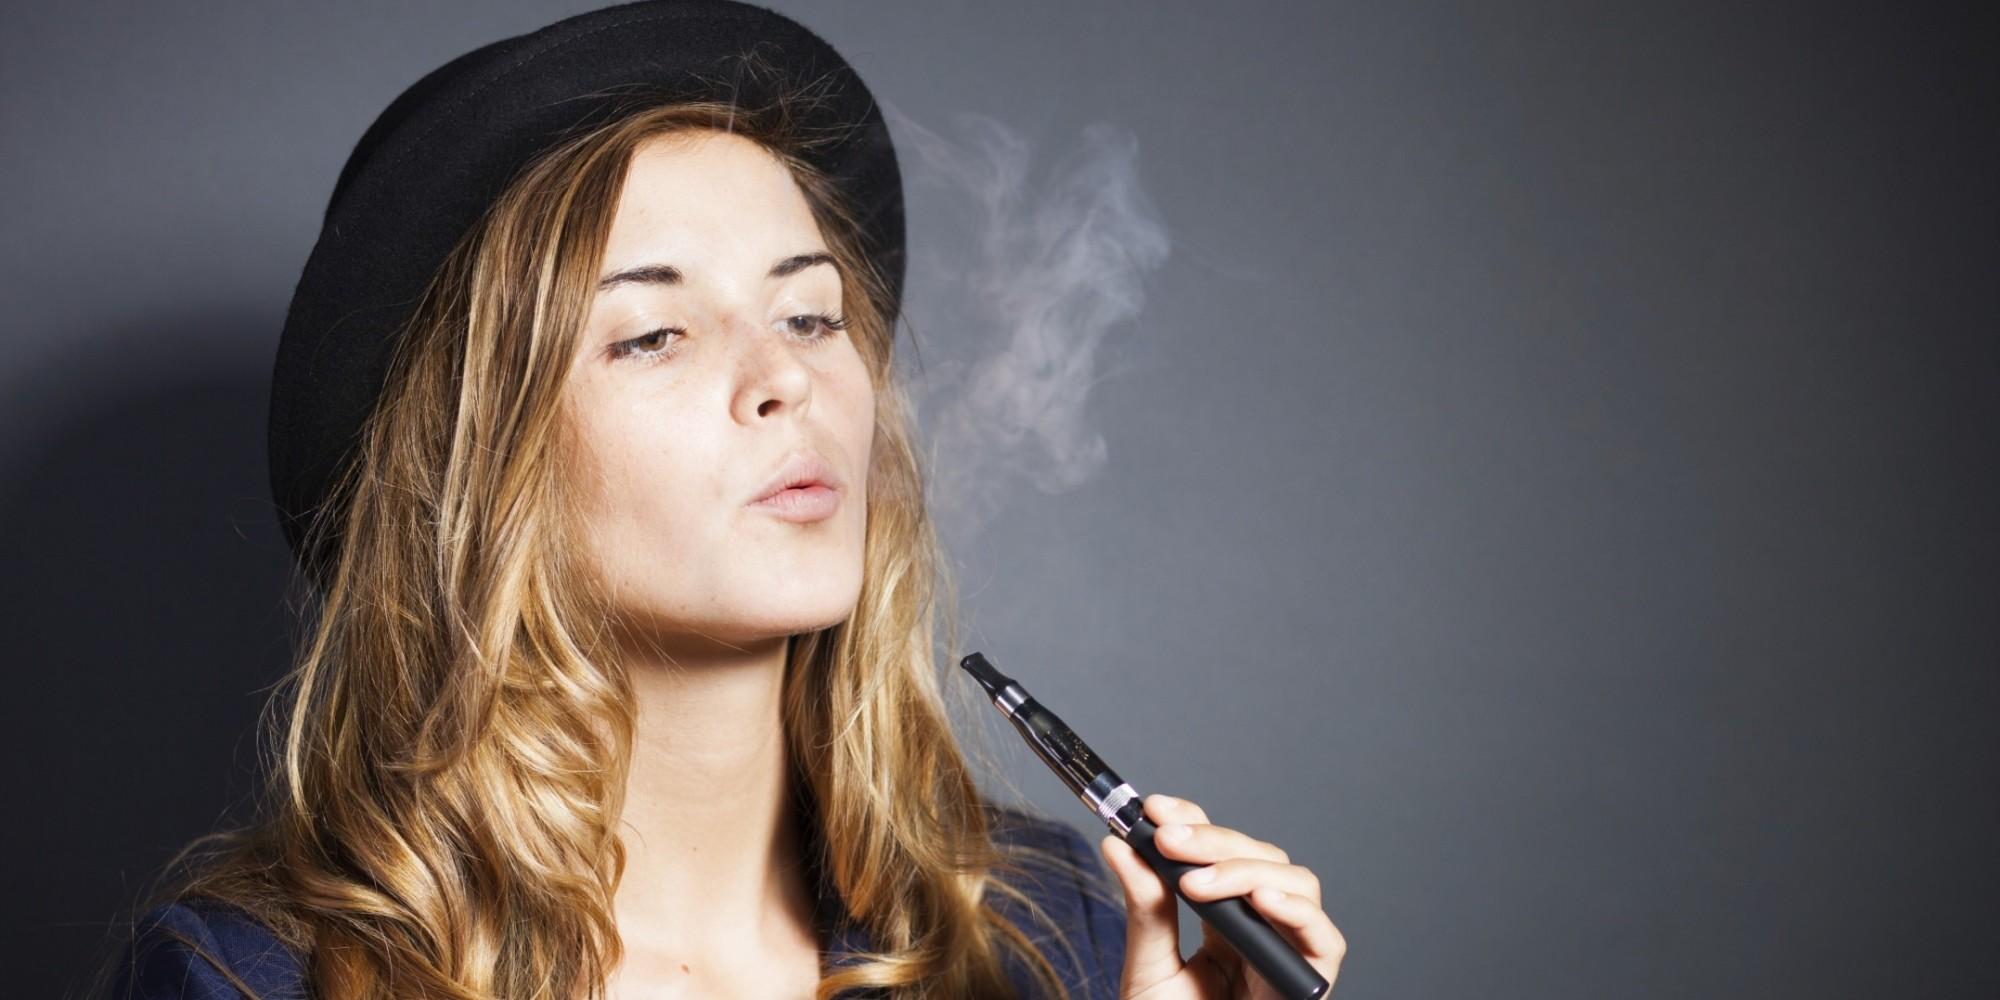 Wie, nachdem nicht dick zu werden hat Rauchen aufgegeben